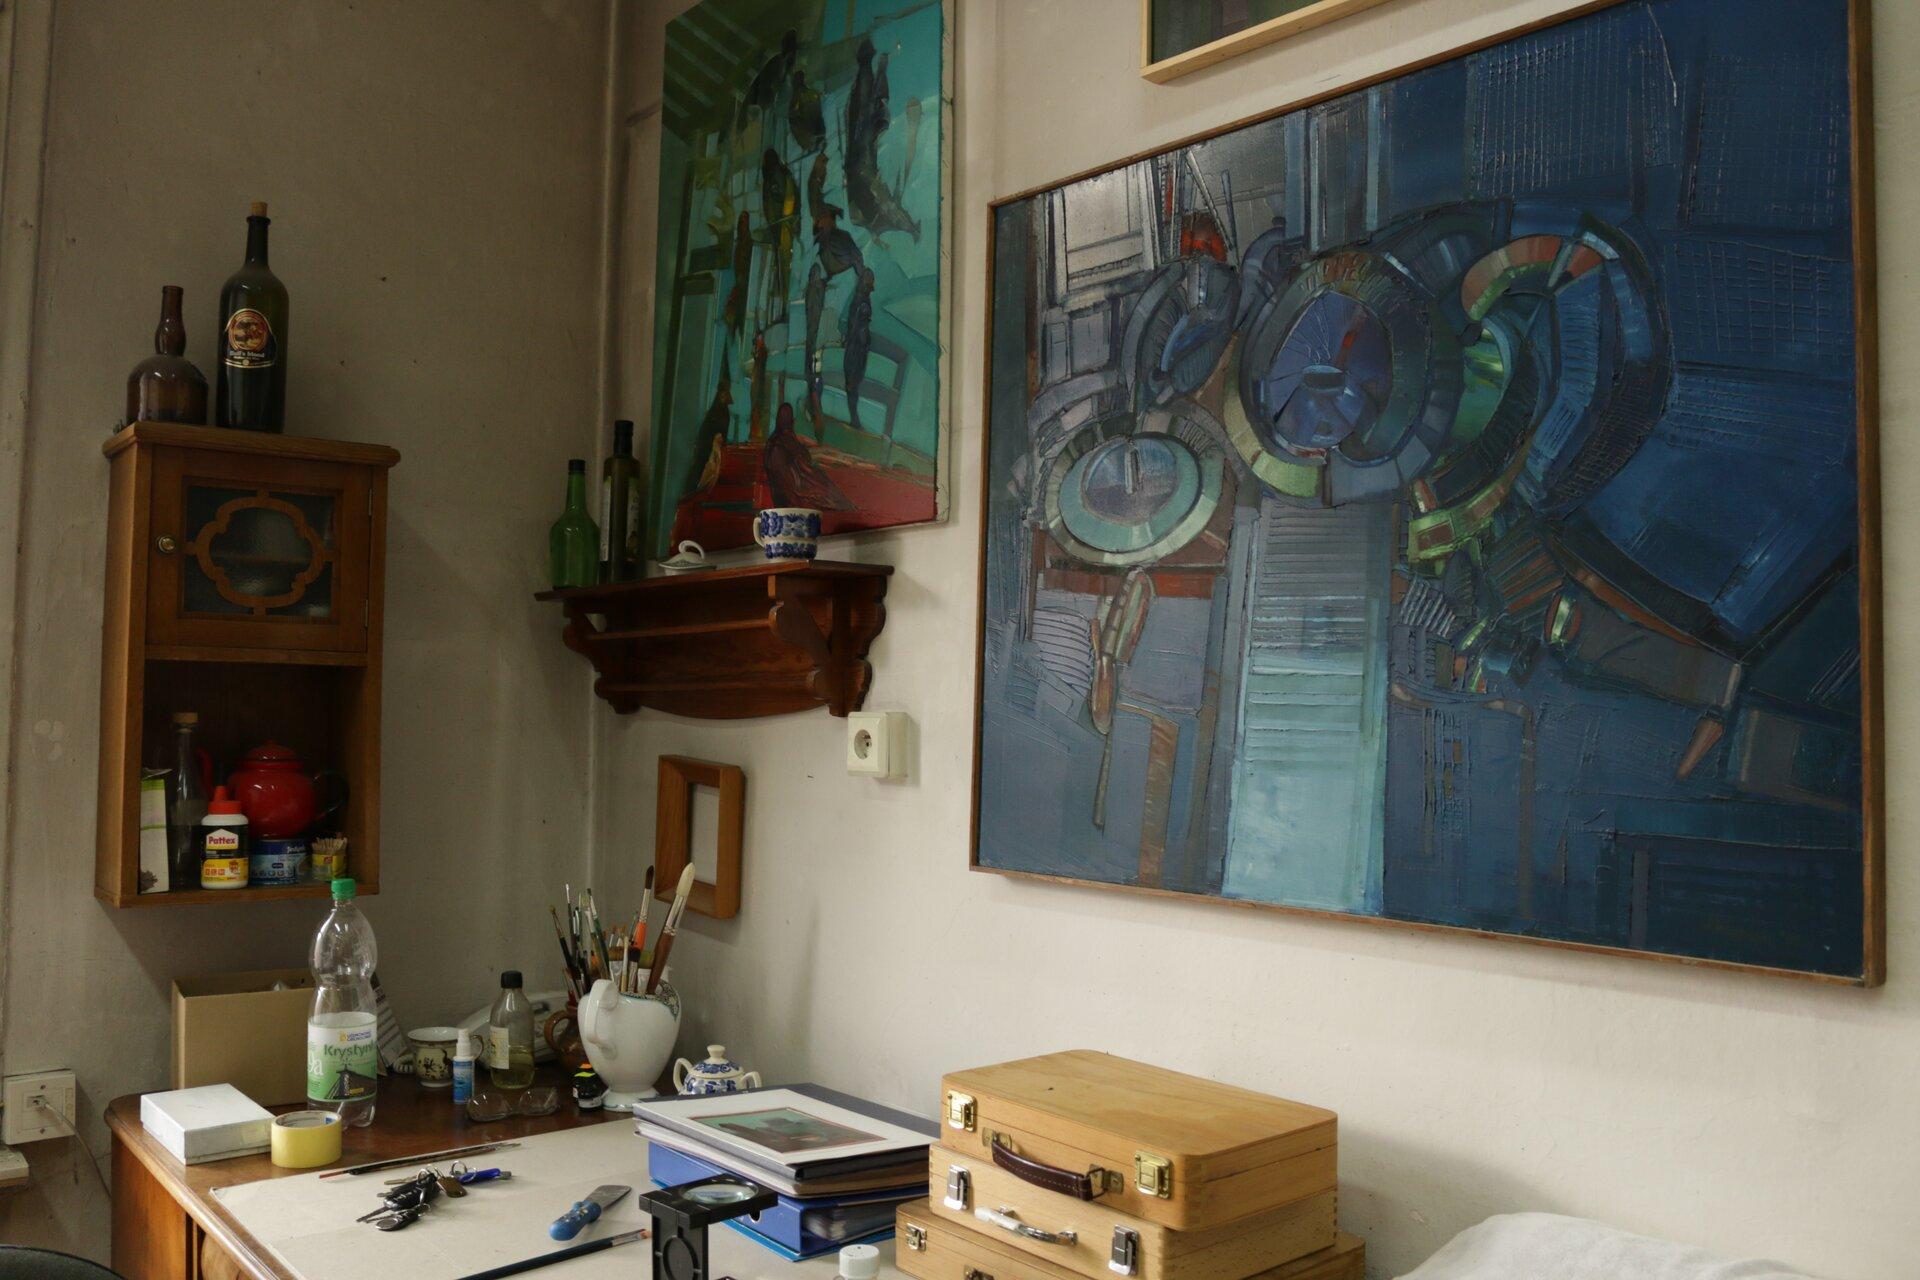 Ilustracja przedstawia fragment wnętrza pracowni malarskiej. Na zdjęciu znajduje się biurko, na którym ustawione są buteleczki, dwa dzbanki służąca za pojemniki na pędzle, segregatory, lupa, skrzynki na farby taśma klejąca oraz przedmioty użytku codziennego. Część biurka przykryta jest jasną tekturą. Nad biurkiem wiszą dwie drewniane szafki oraz dwa abstrakcyjne obrazy.